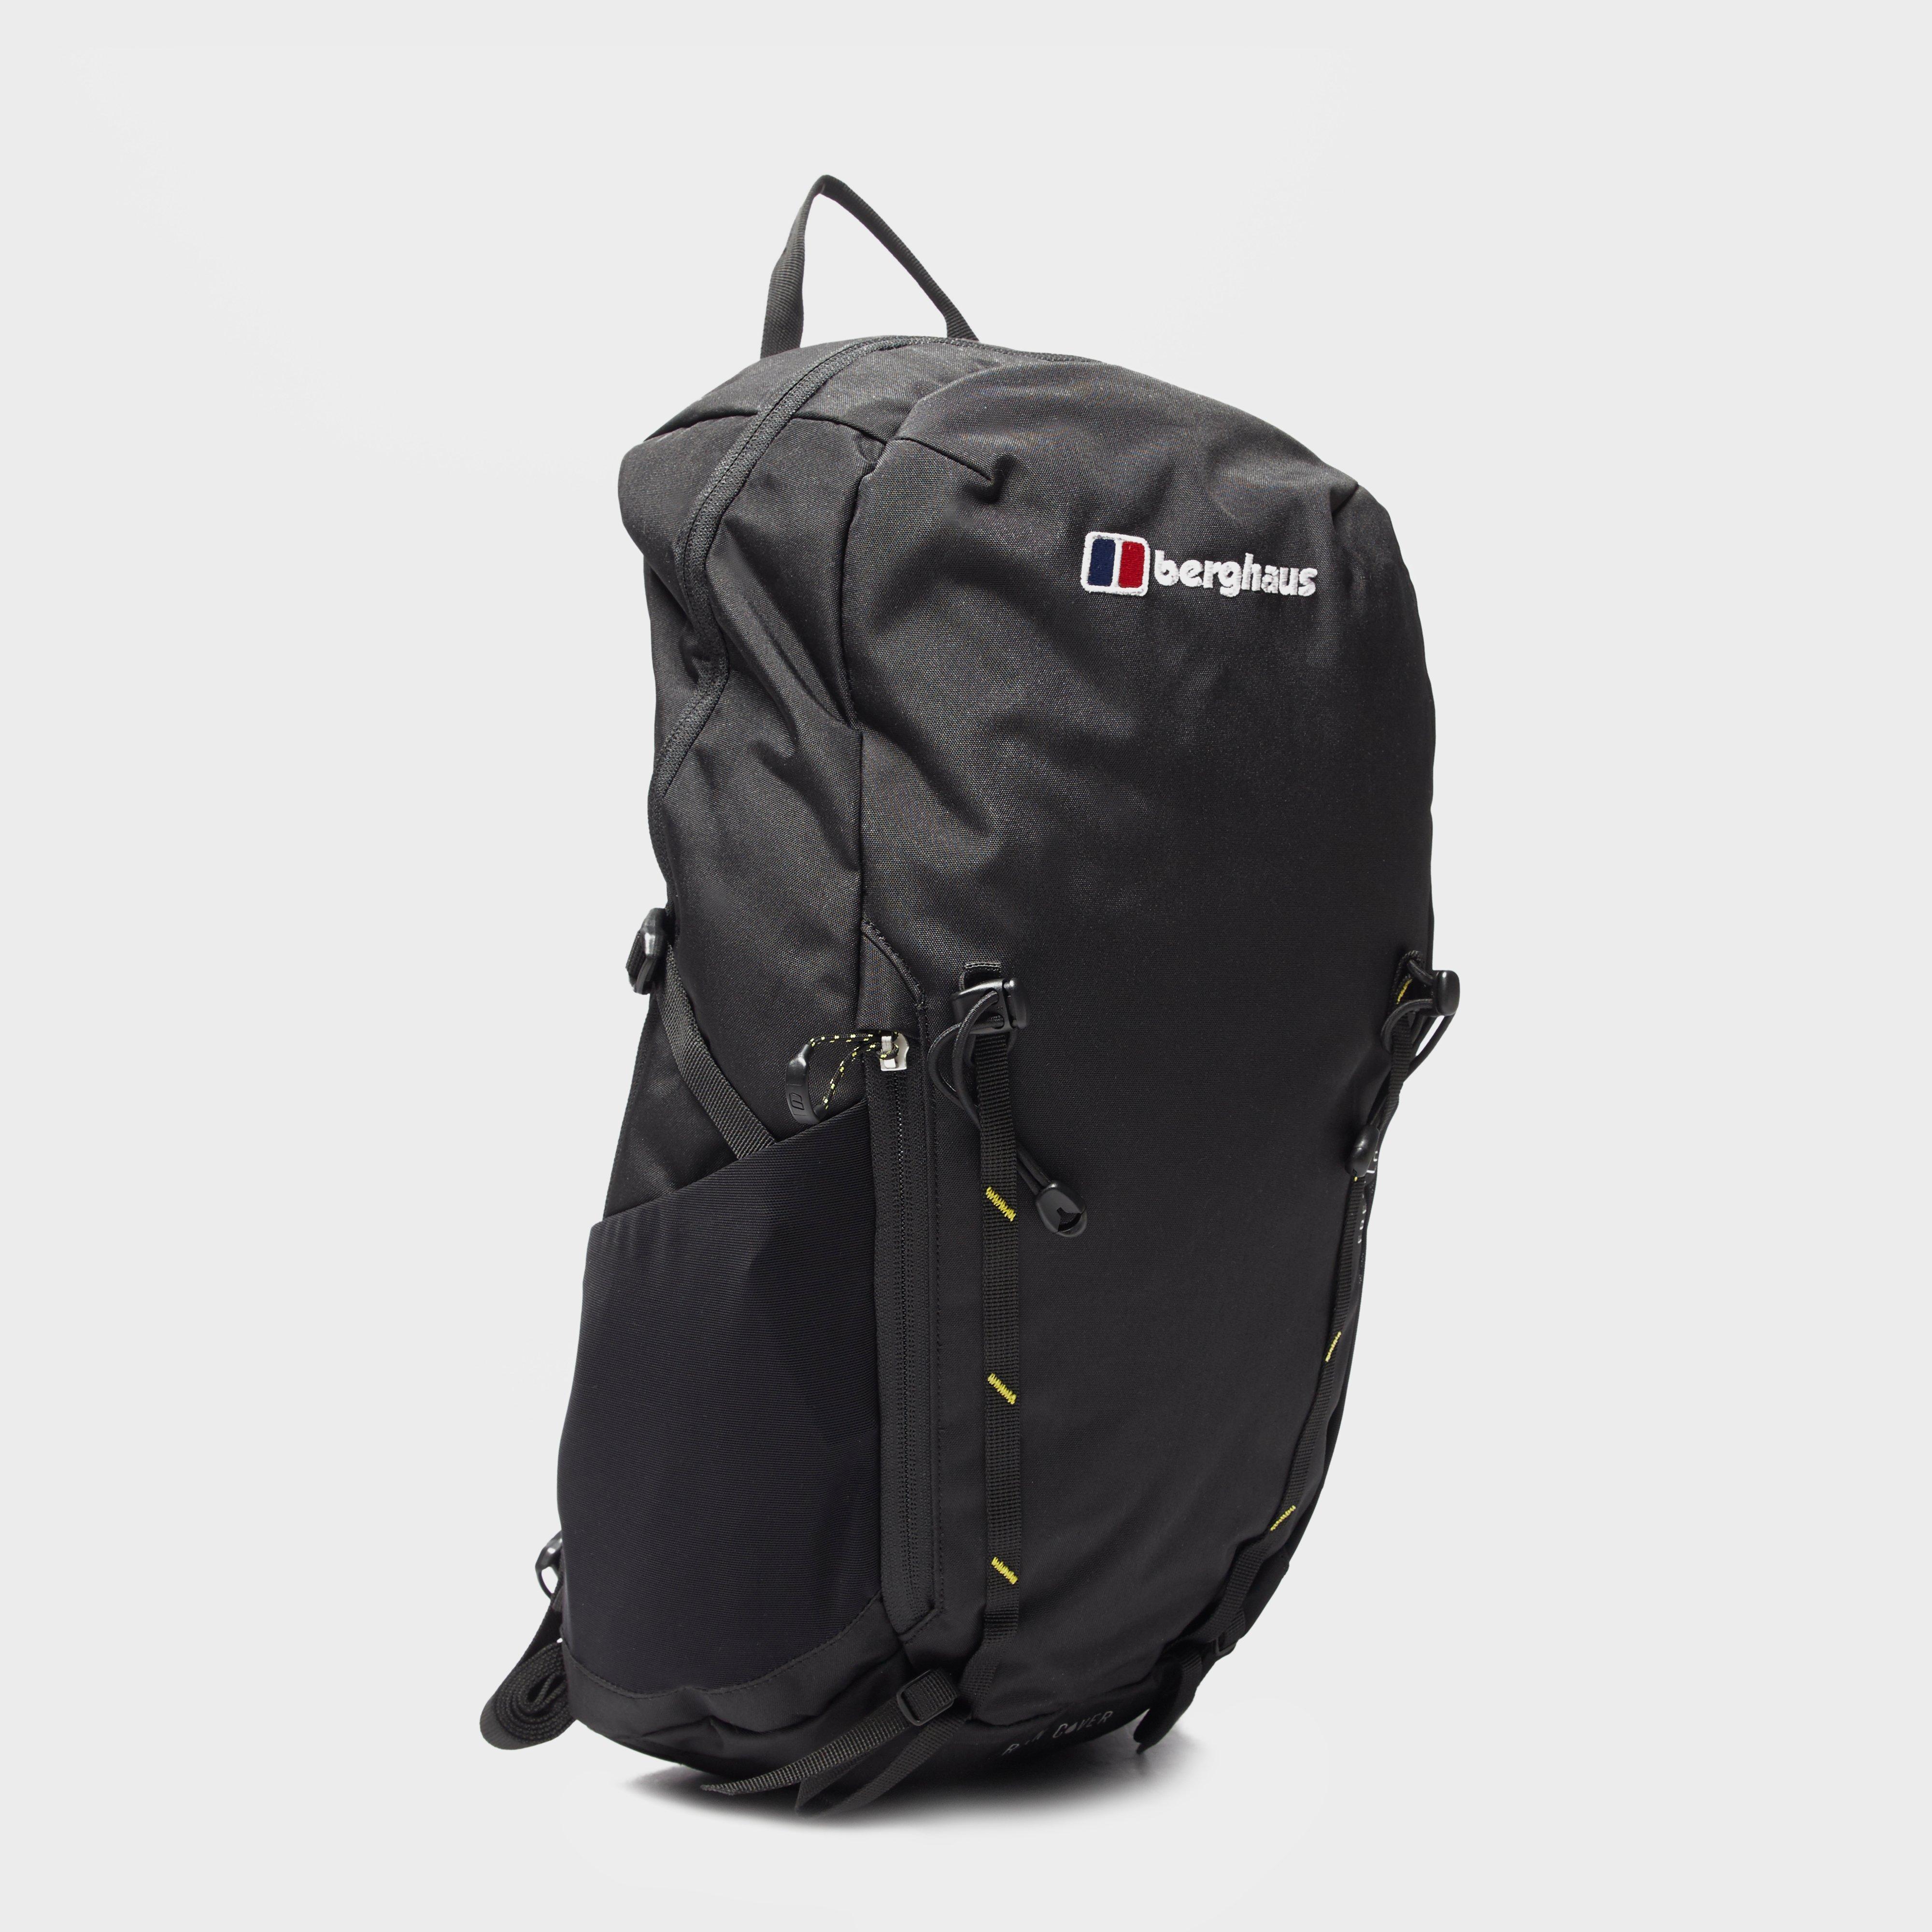 Berghaus Freeflow 20L Daysack Black